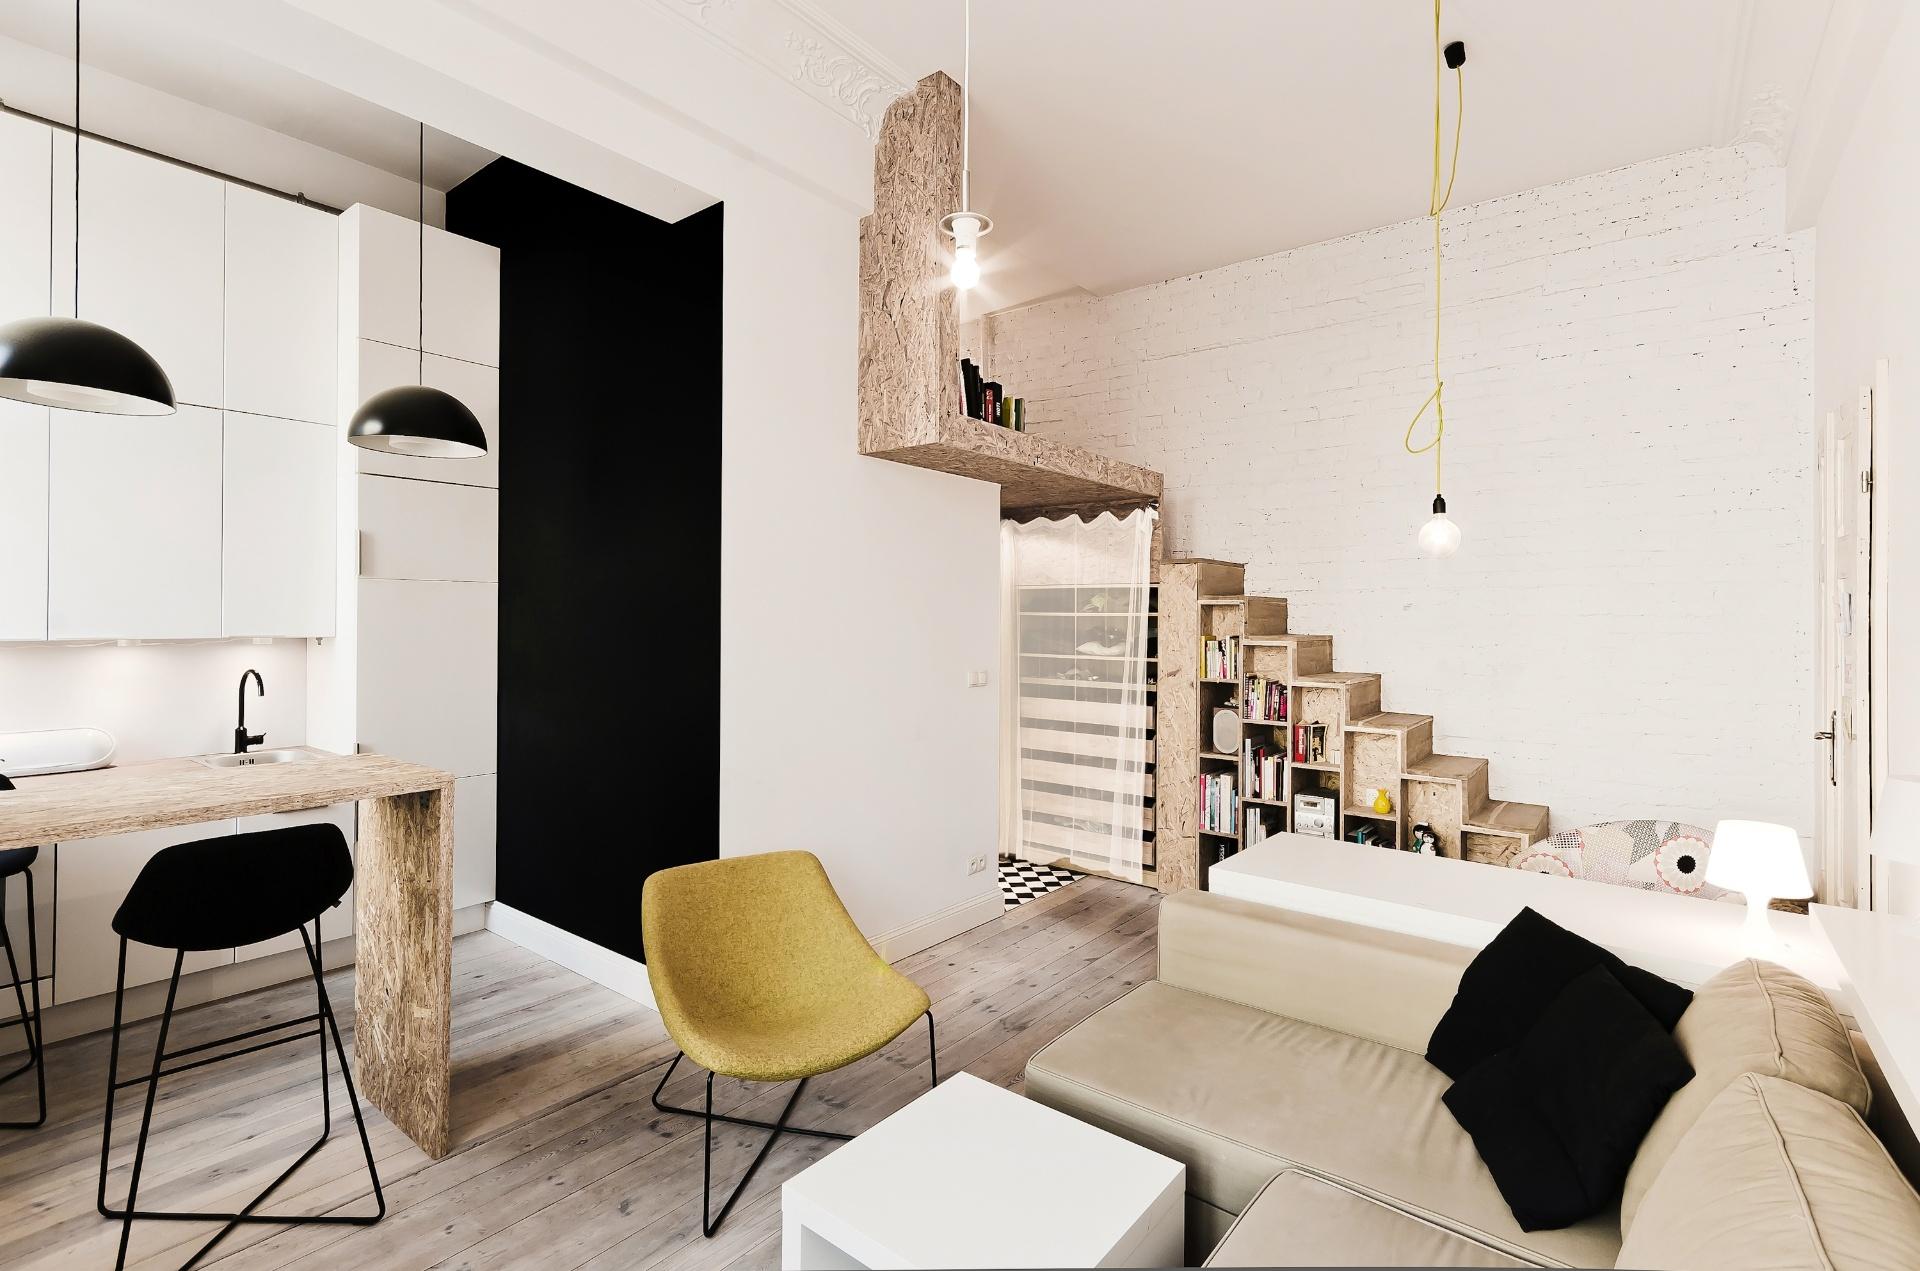 O apartamento com 29 m² na Polônia, era mais alto do que amplo: com pé-direito de 3,7 m, o jeito foi elevar o dormitório para um semi-mezanino, 1,85 m acima de um corredor com banheiro e guarda-roupas. Nesse